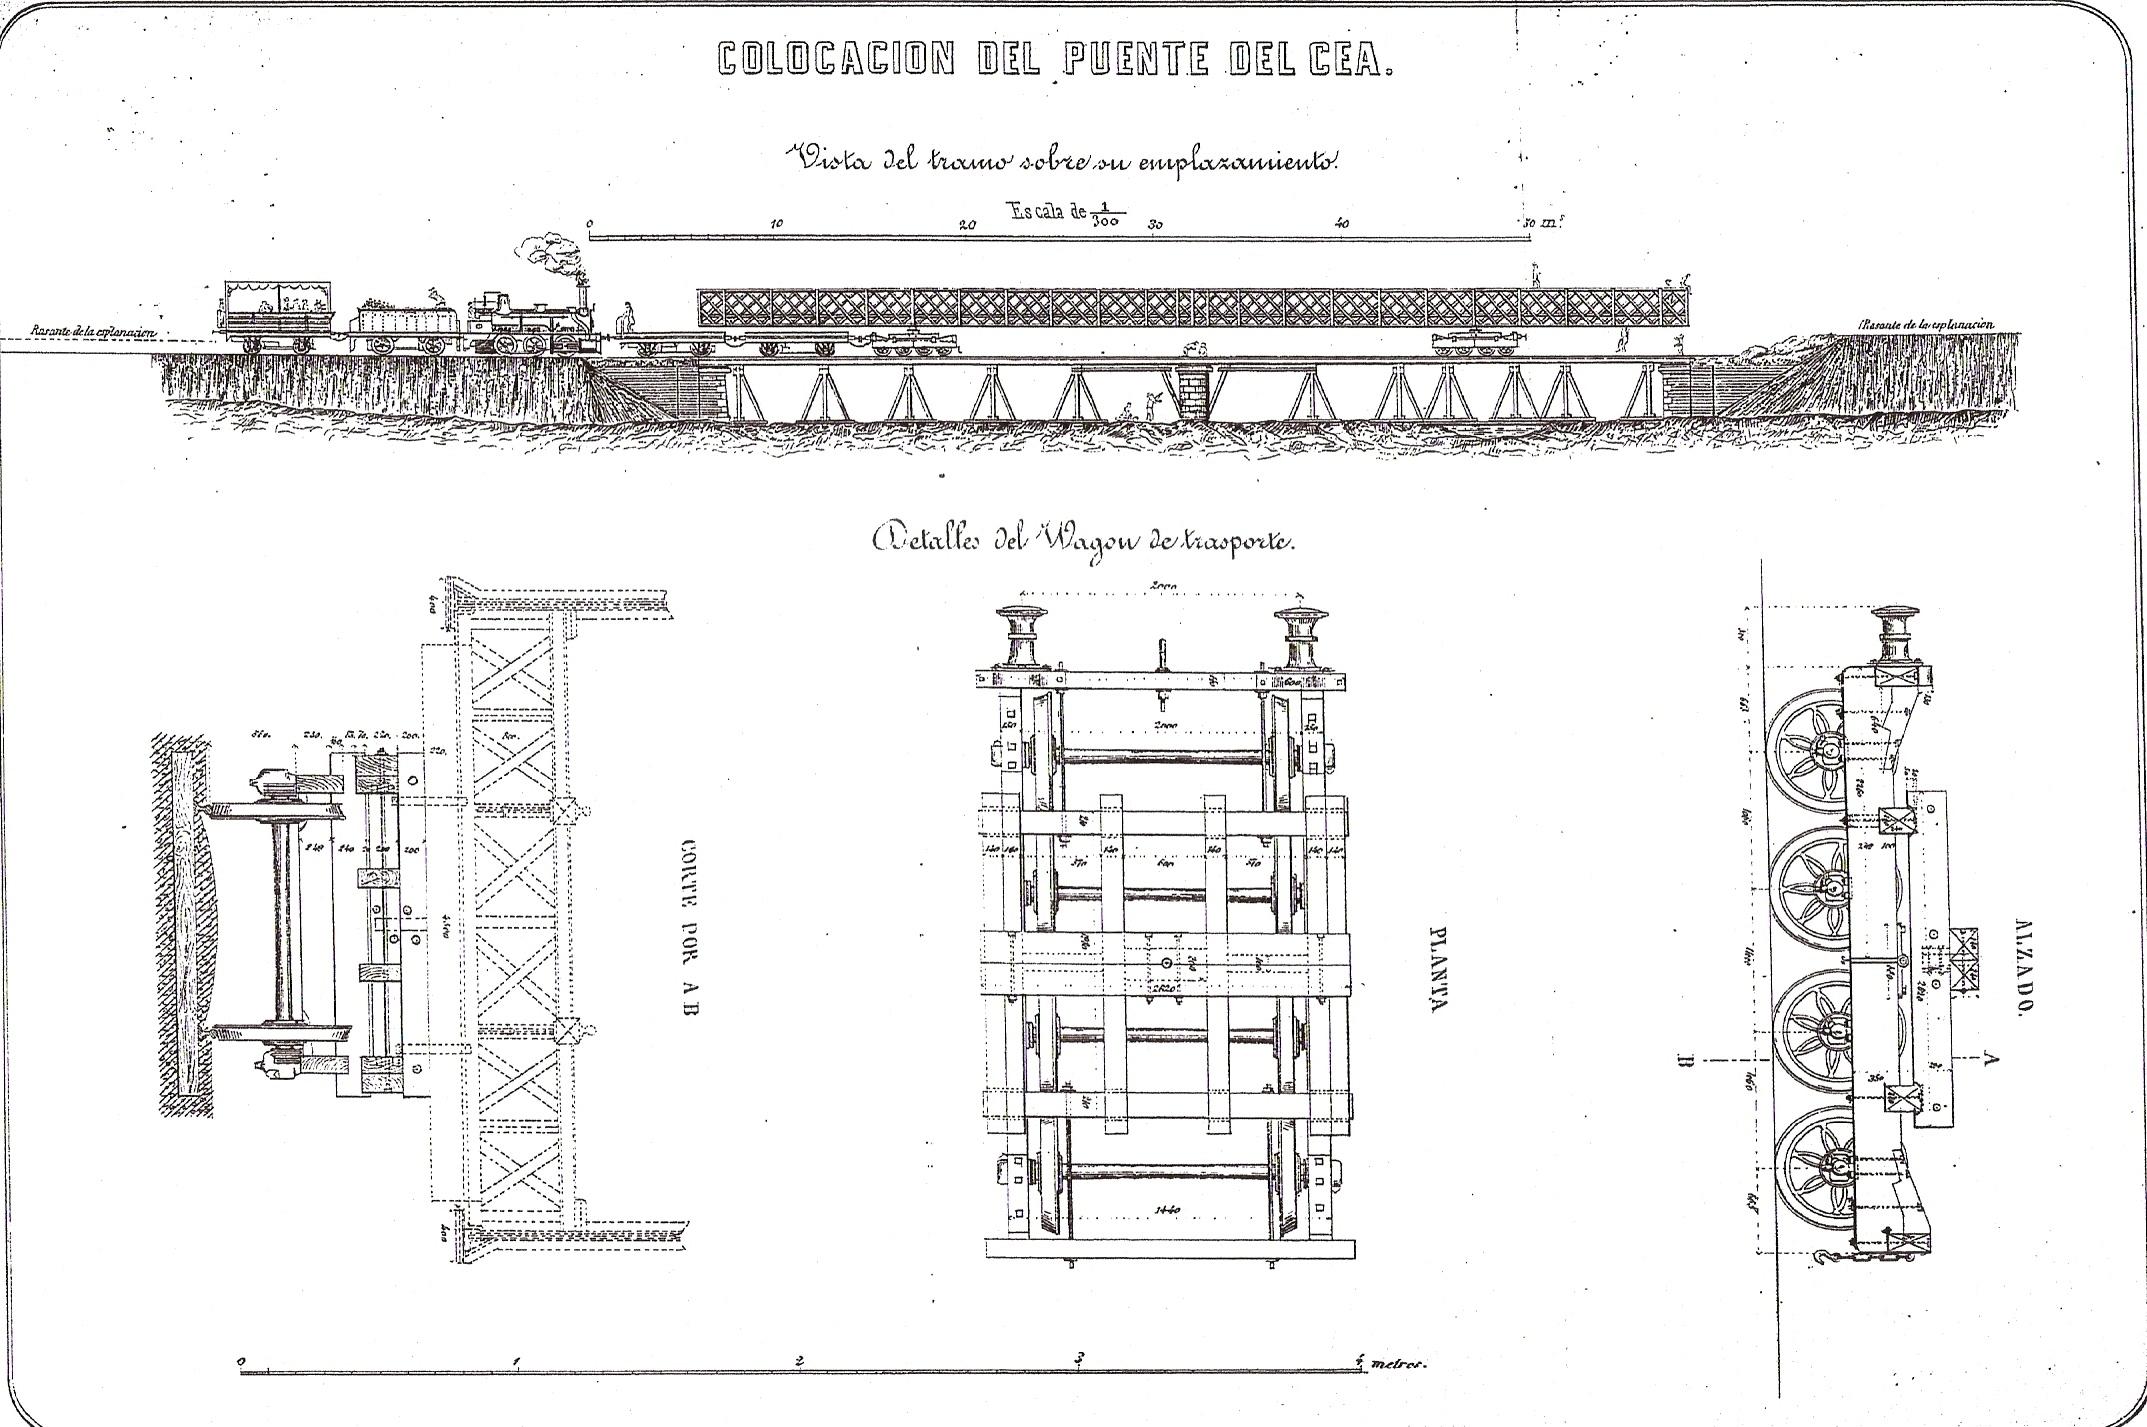 Puente del Cea ROP 1863